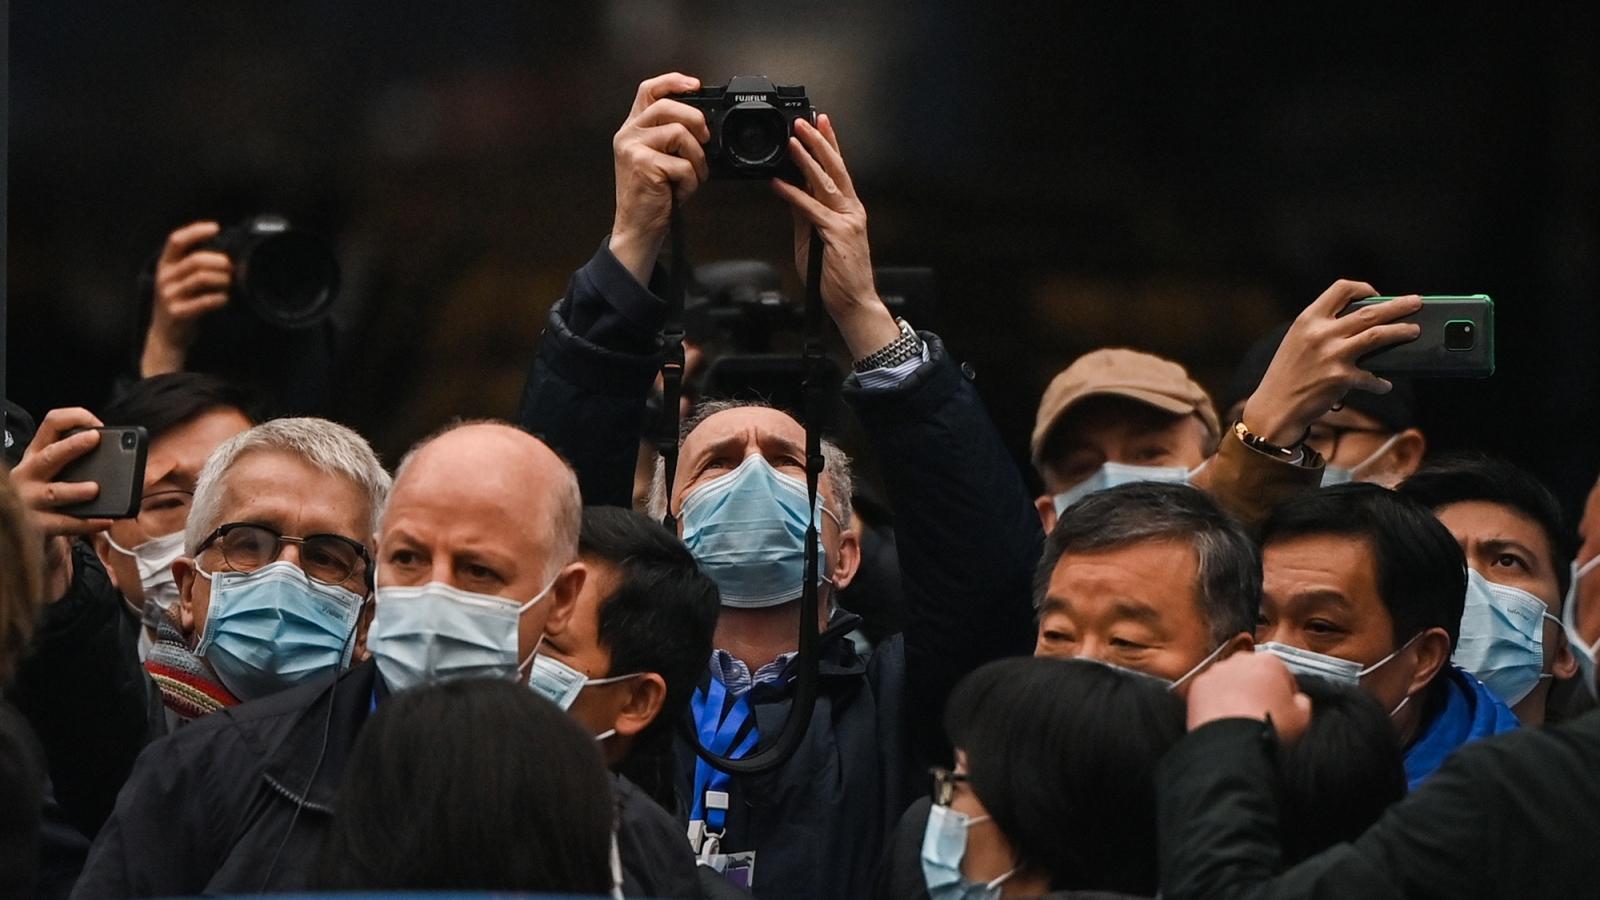 Nhóm chuyên gia WHO tiếp tục lịch trình khảo sát thực tế tại Vũ Hán